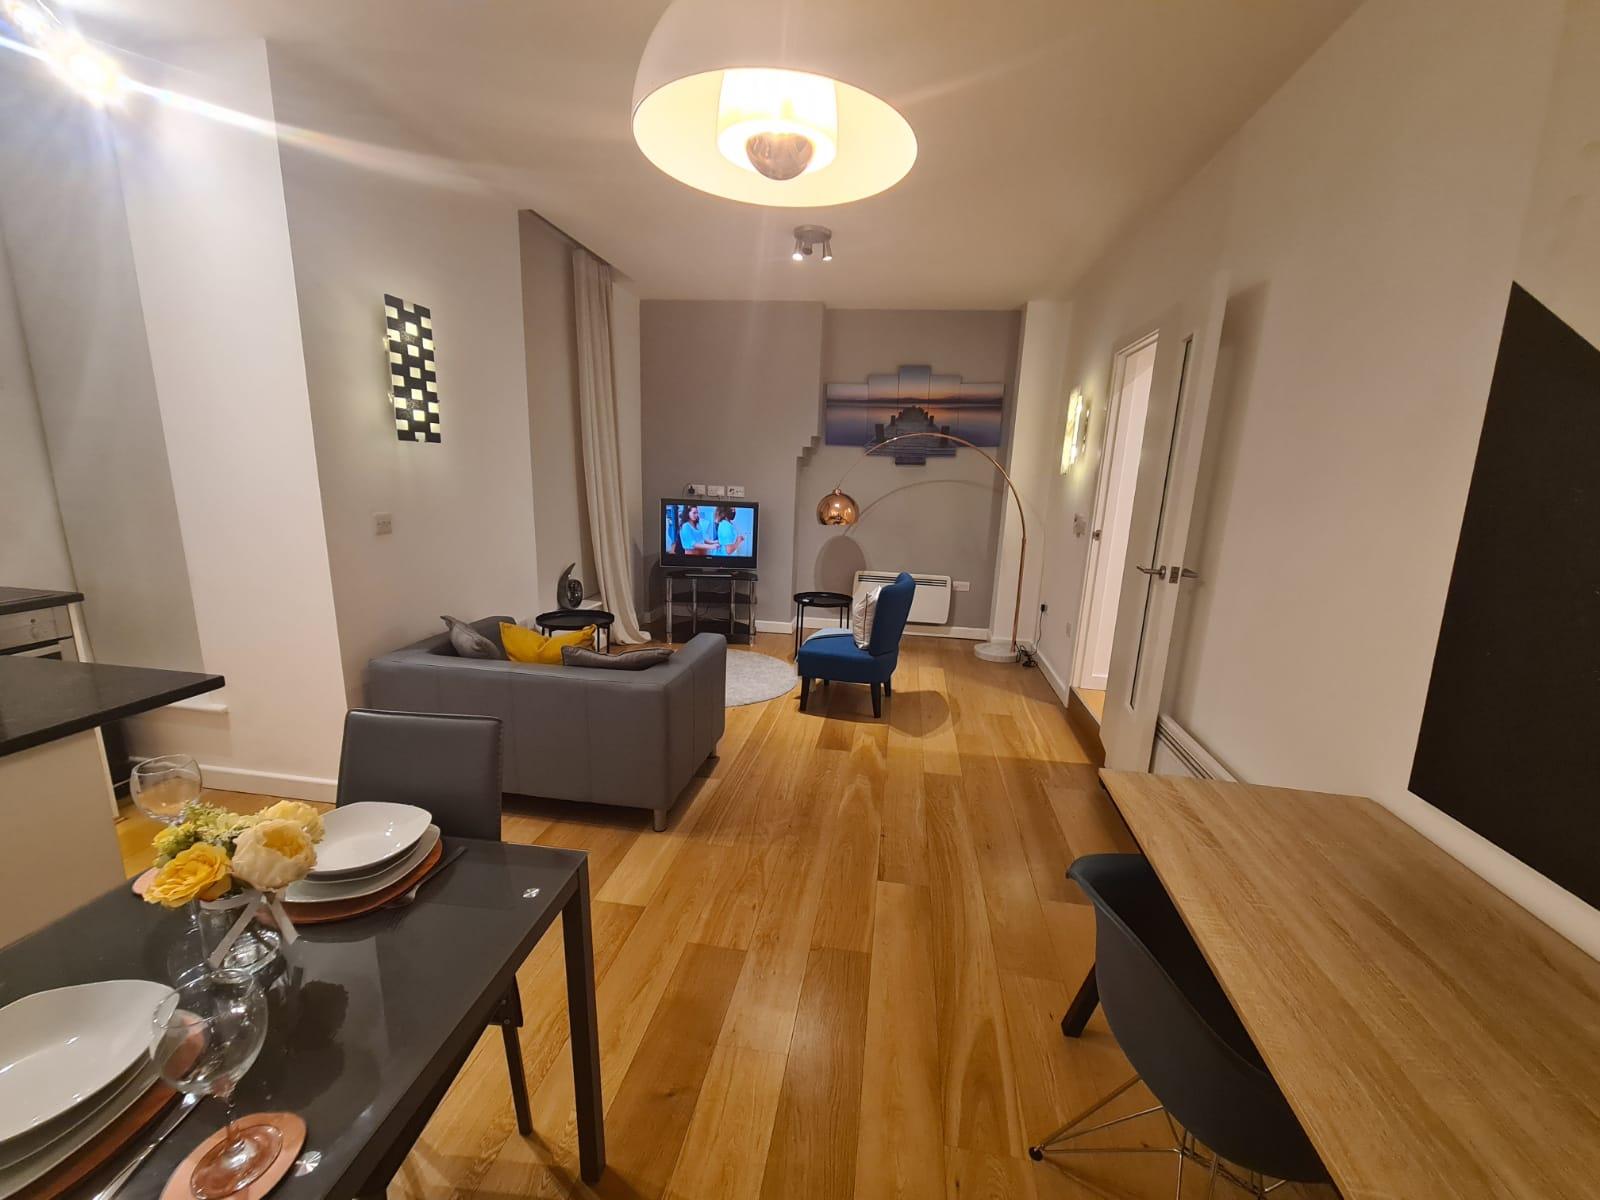 Cherub 3 – Luxury One Bedroom Apartments